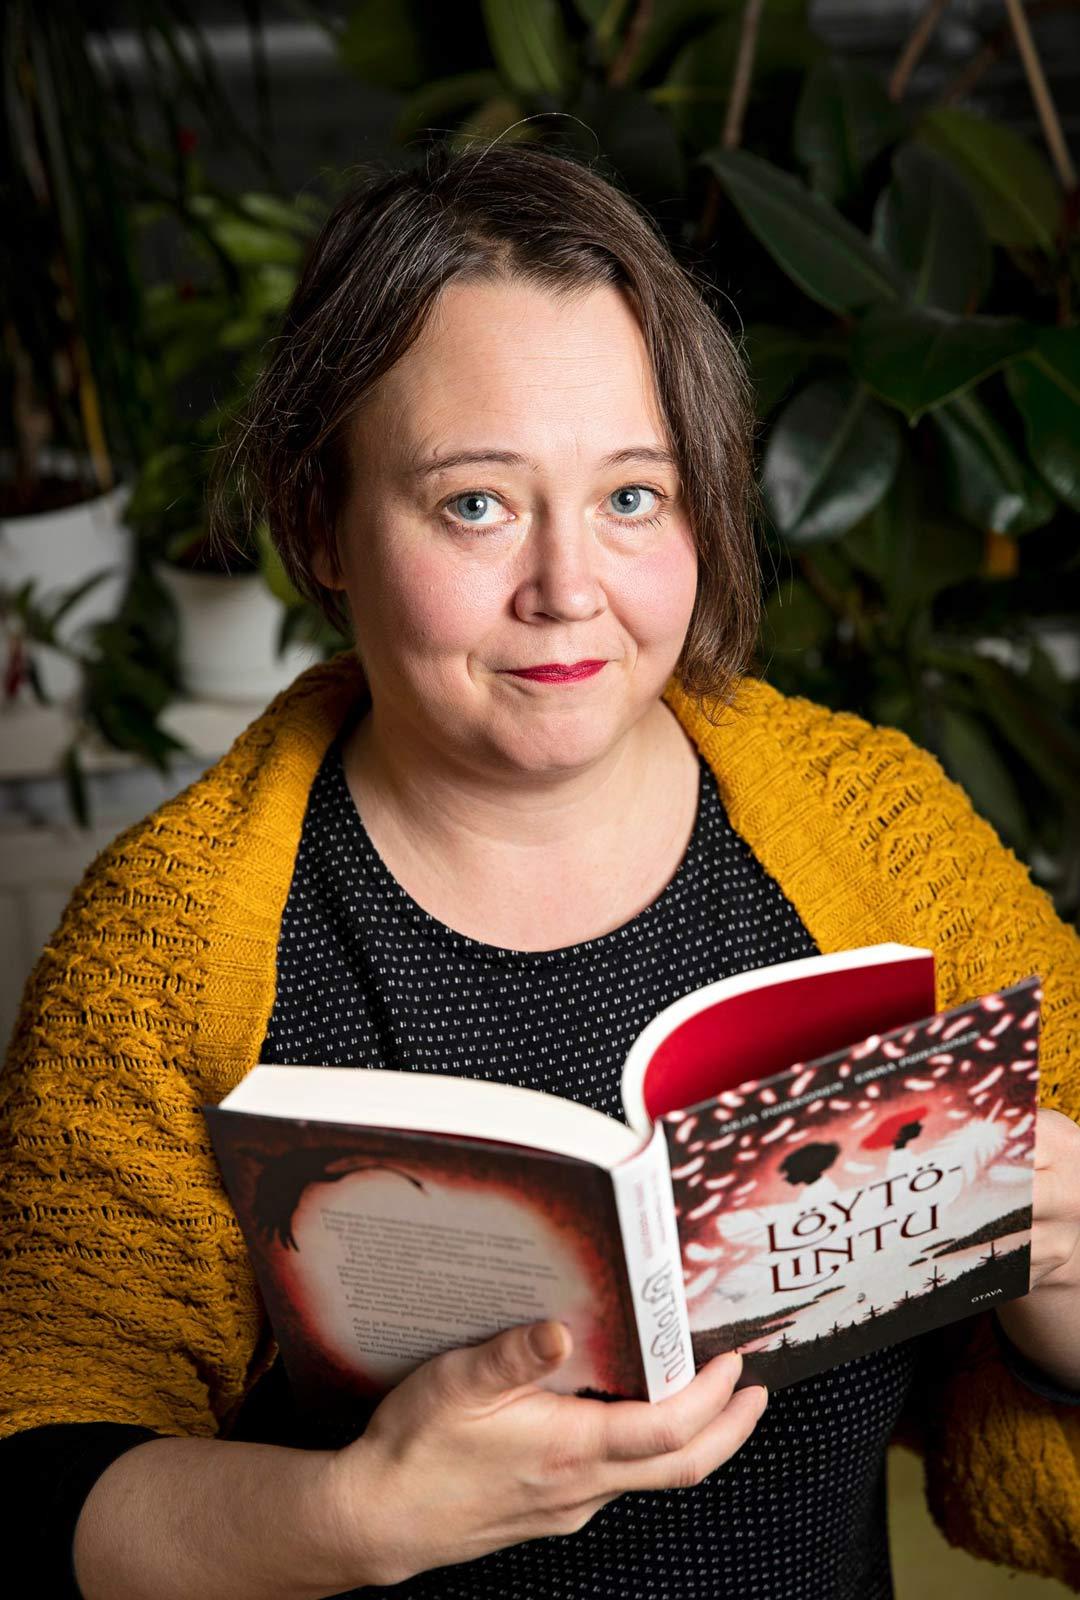 Lapsena Emma Puikkonen piilotti Jörö-Jukan lelulaatikon pohjalle, koska se oli pelottava kirja.